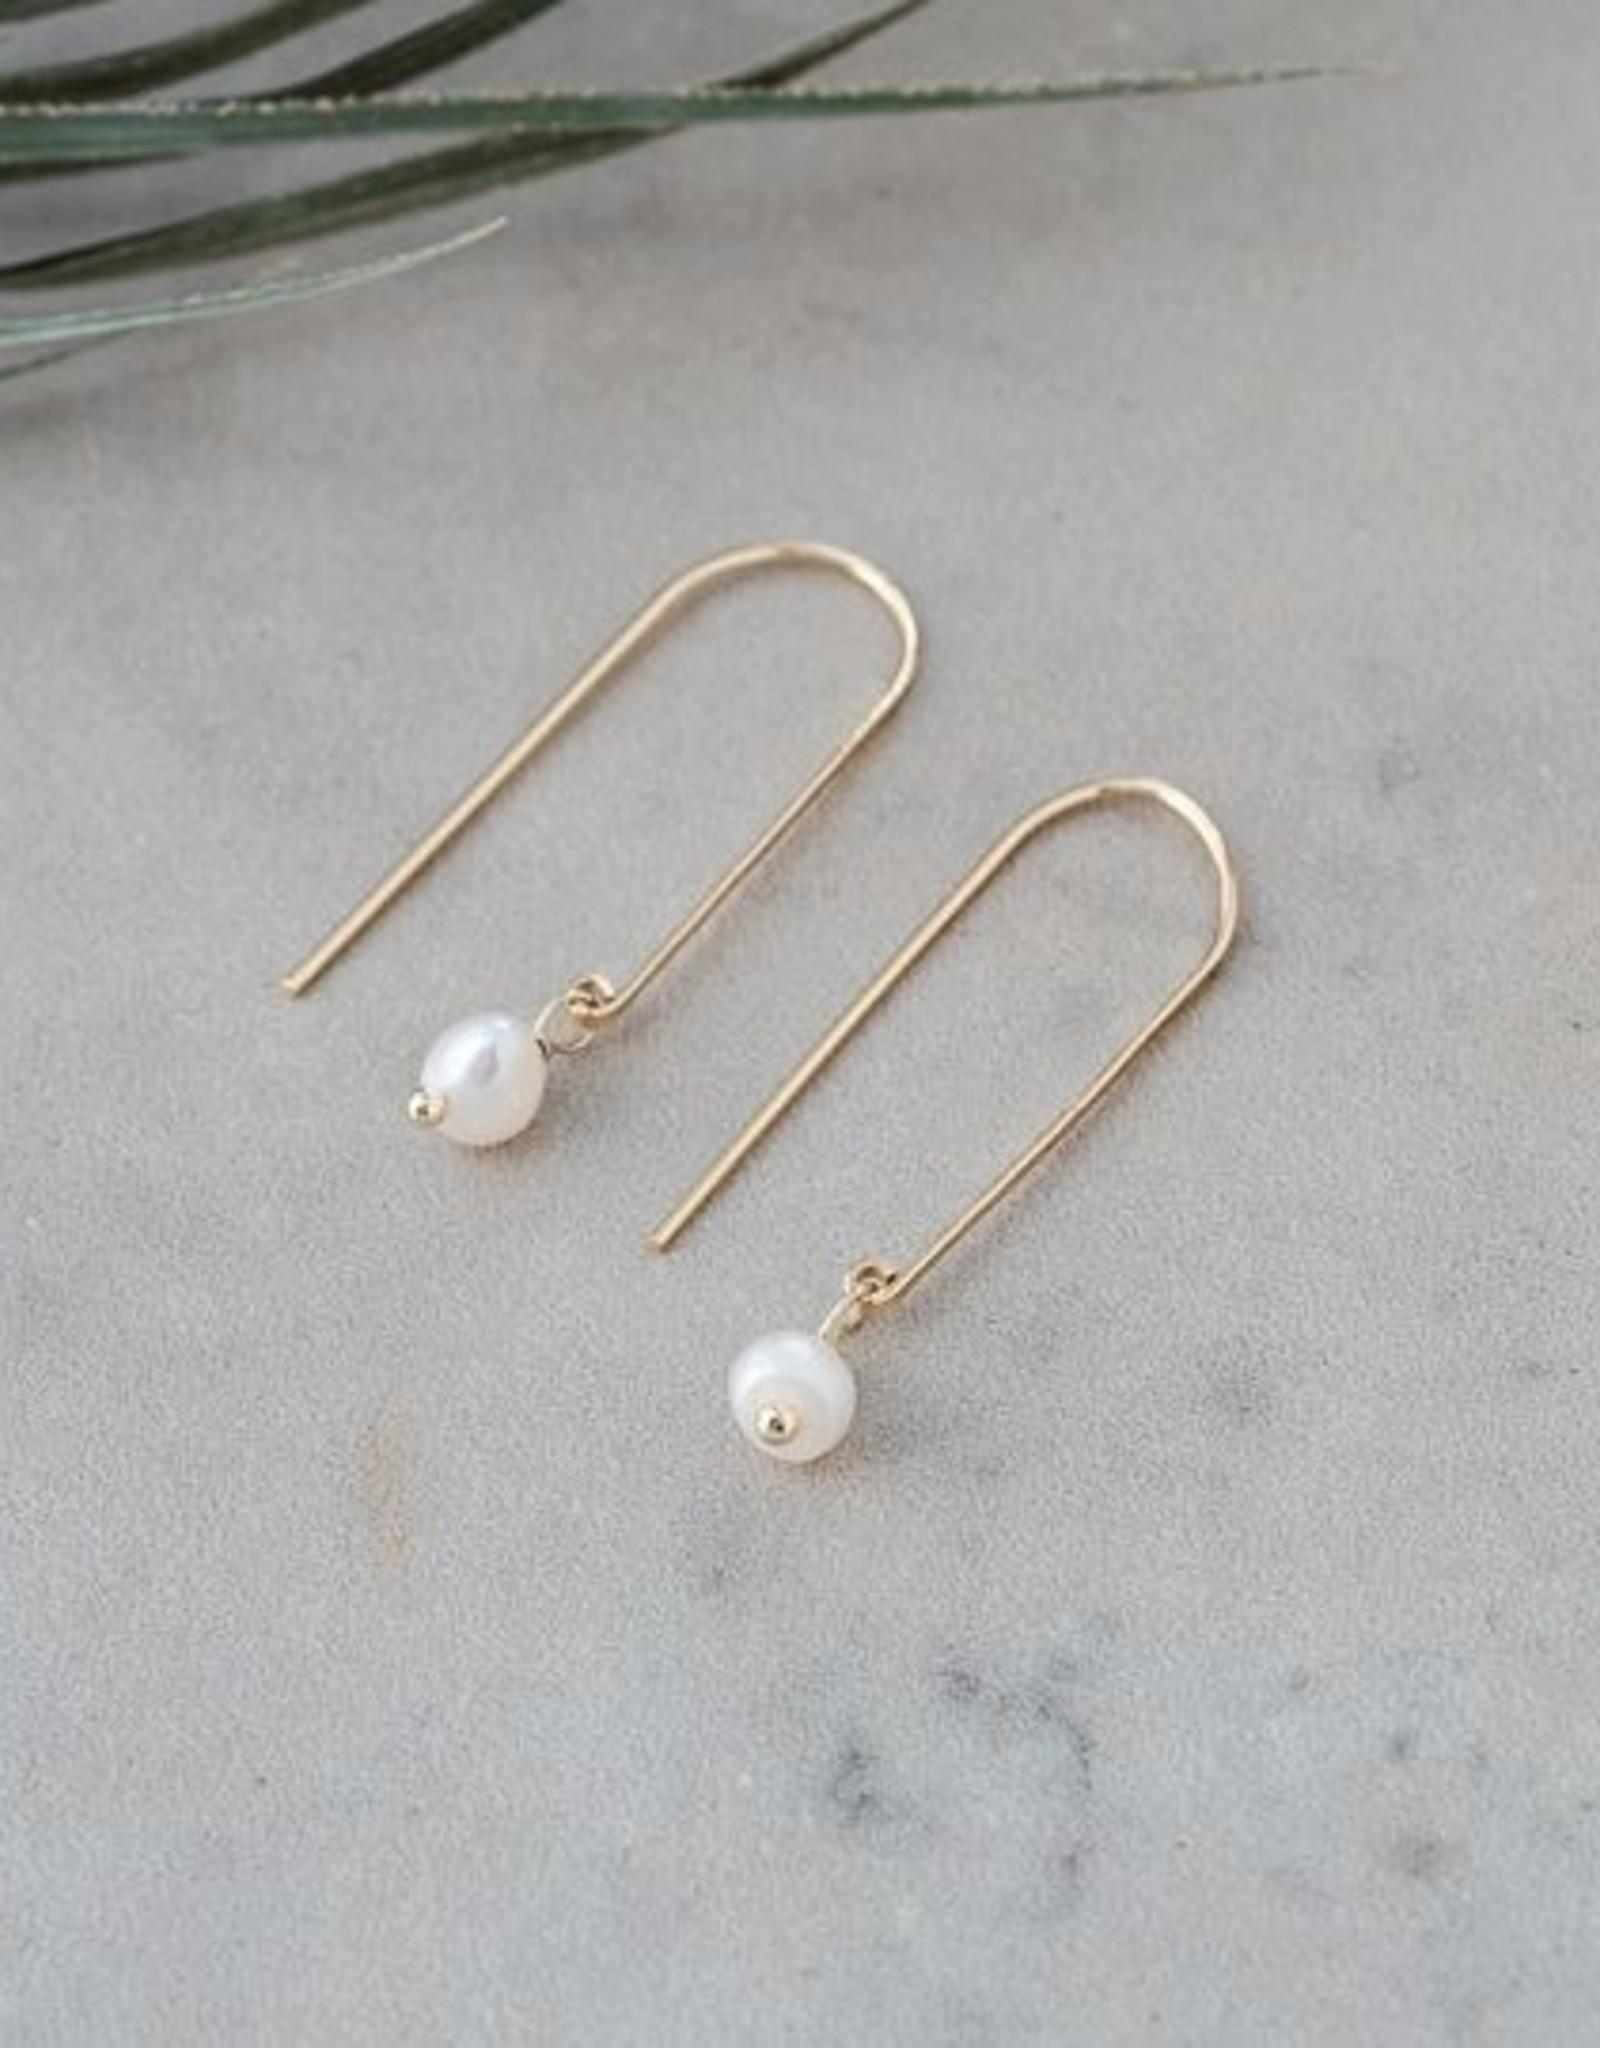 Boucles d'oreilles Lore-or/perle d'eau douce